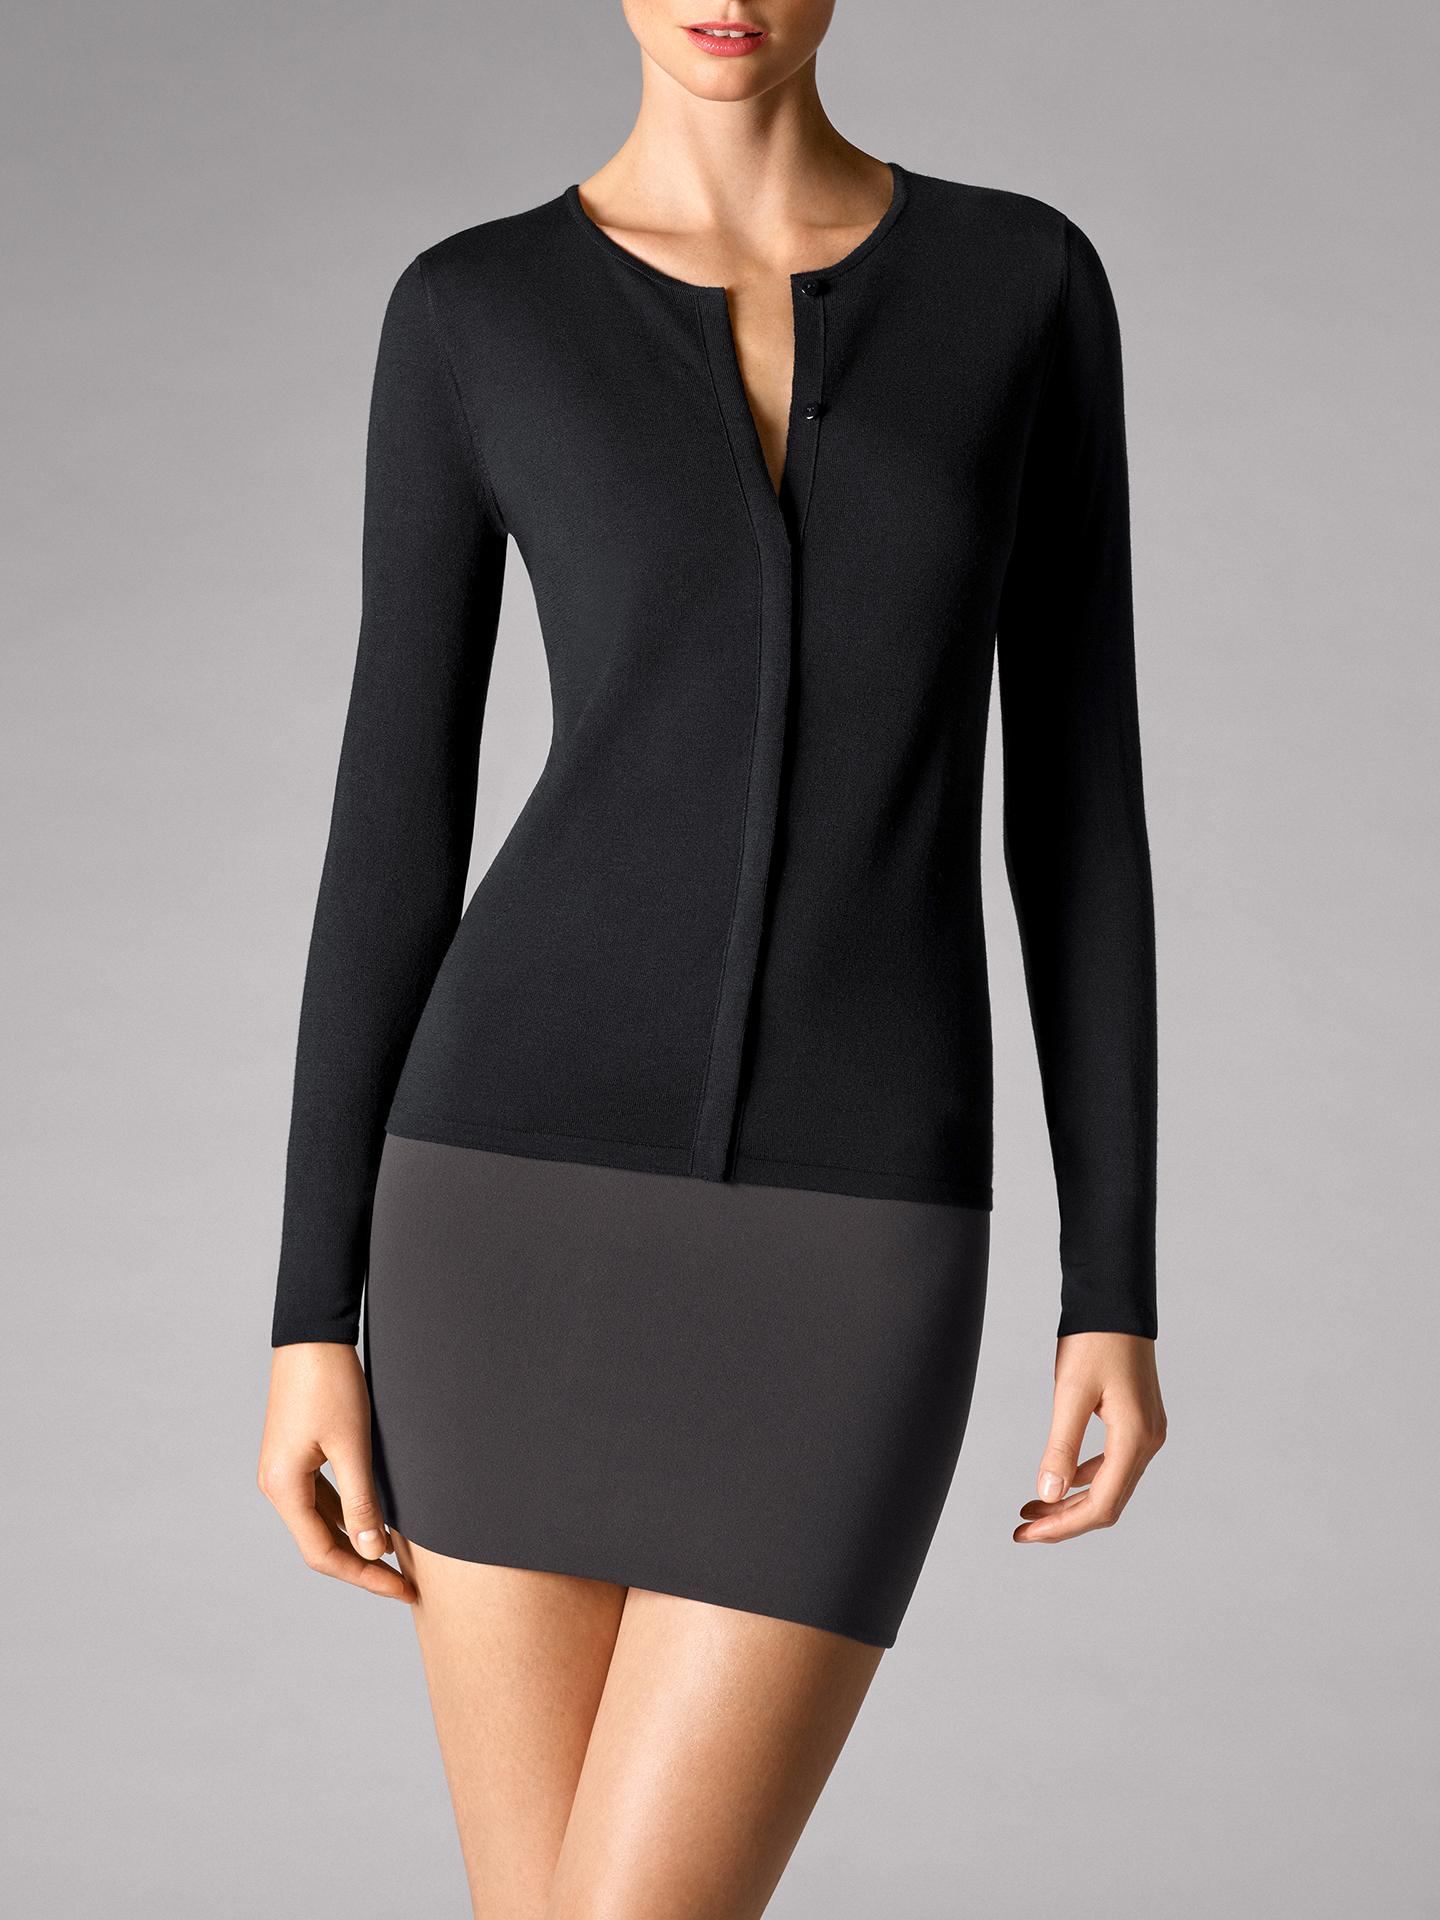 Jacken für Frauen - Fine Merino Cardigan 7005 M  - Onlineshop Wolford